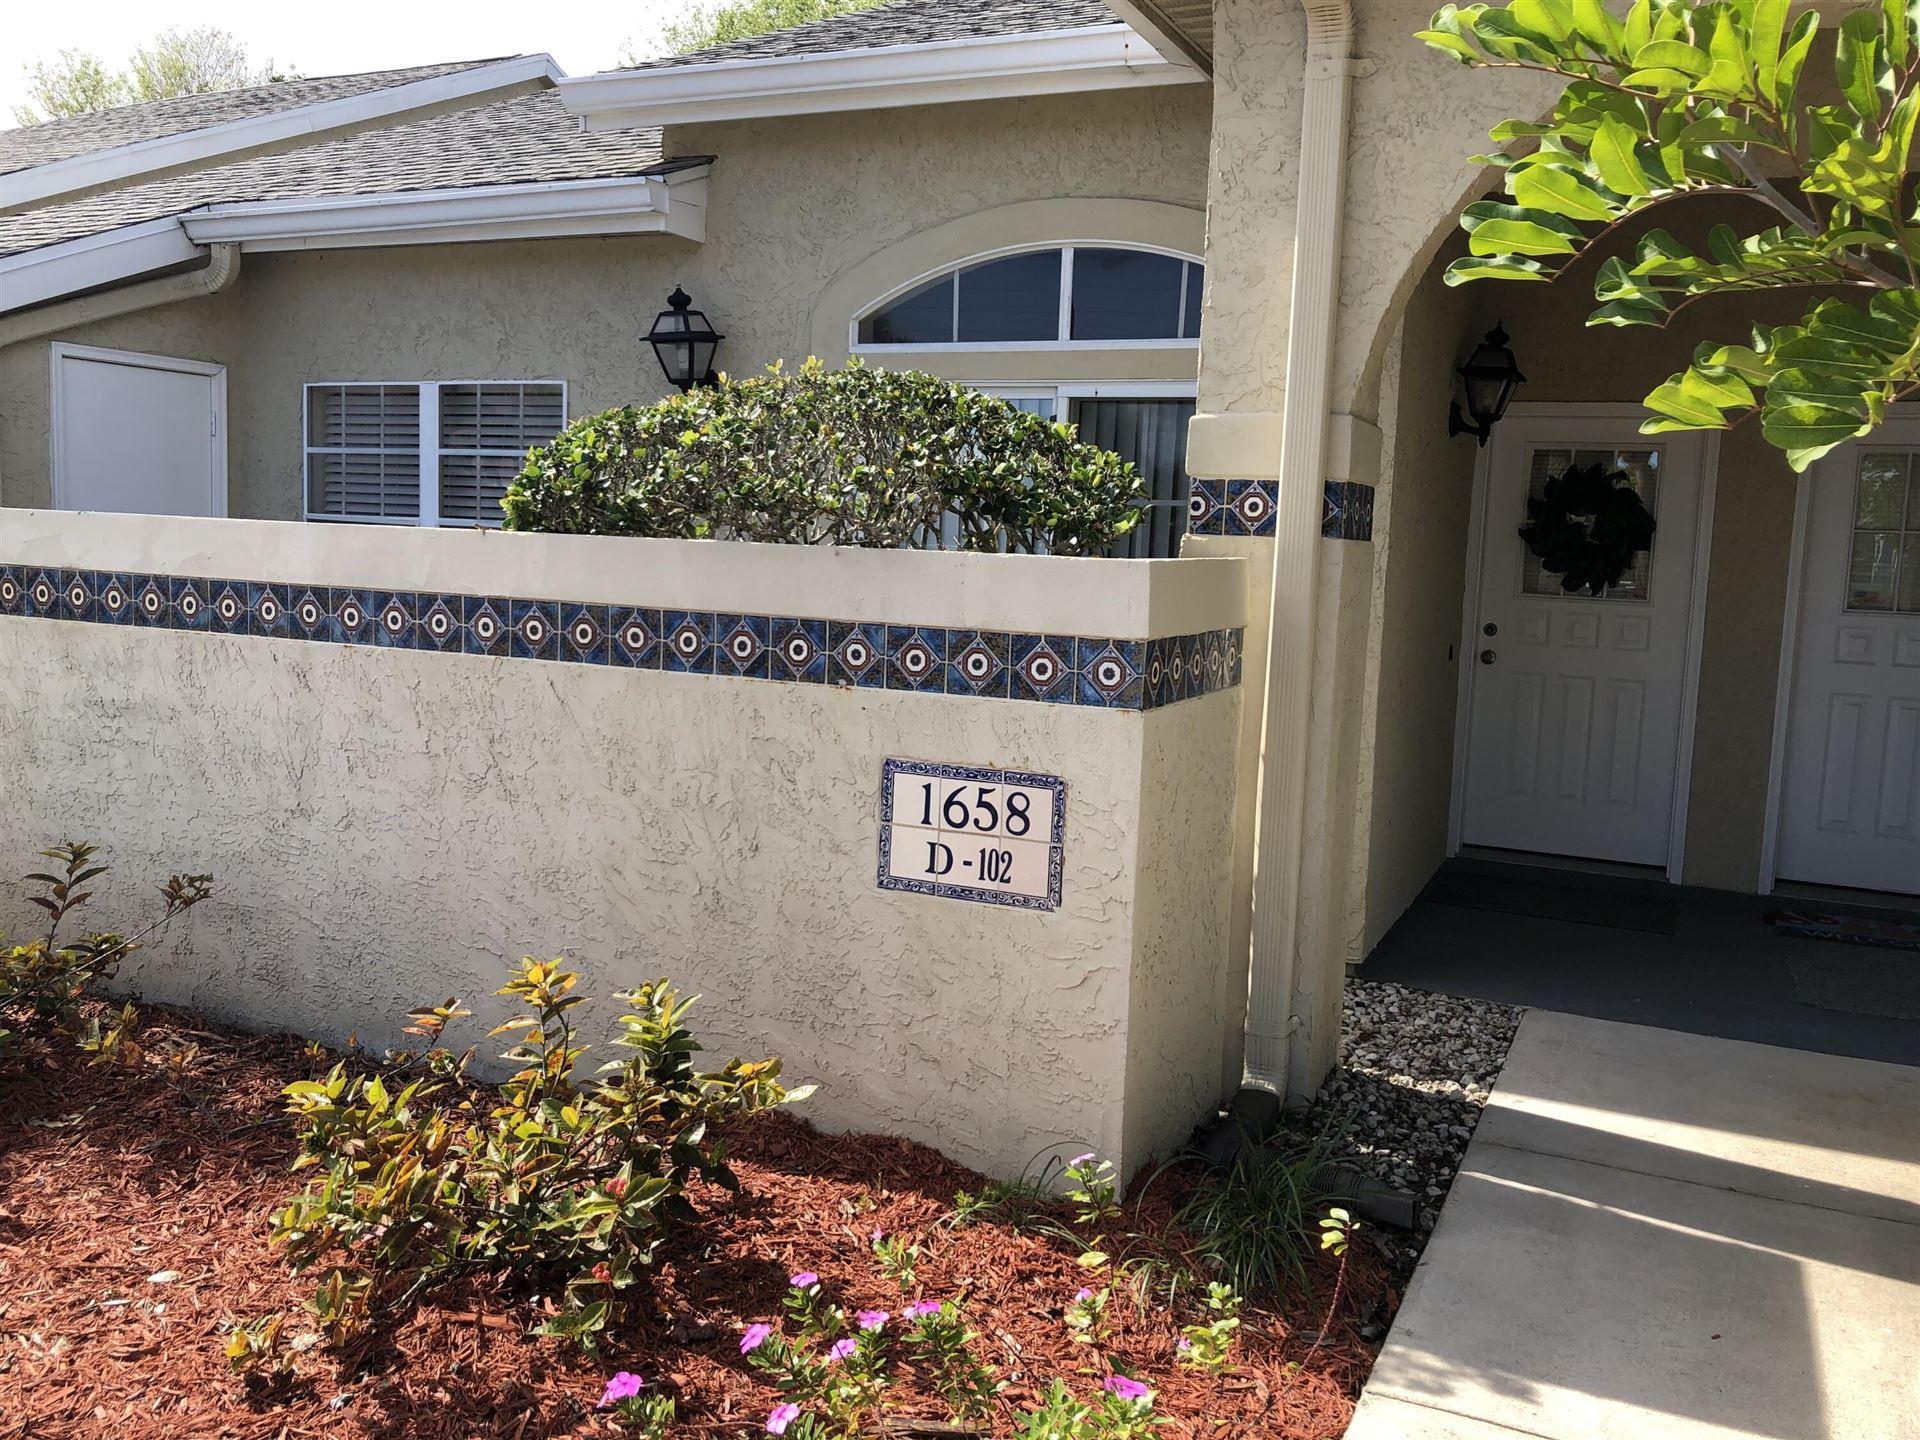 1658 SE Green Acres Circle #D102, Port Saint Lucie, FL 34952 - MLS#: RX-10714893